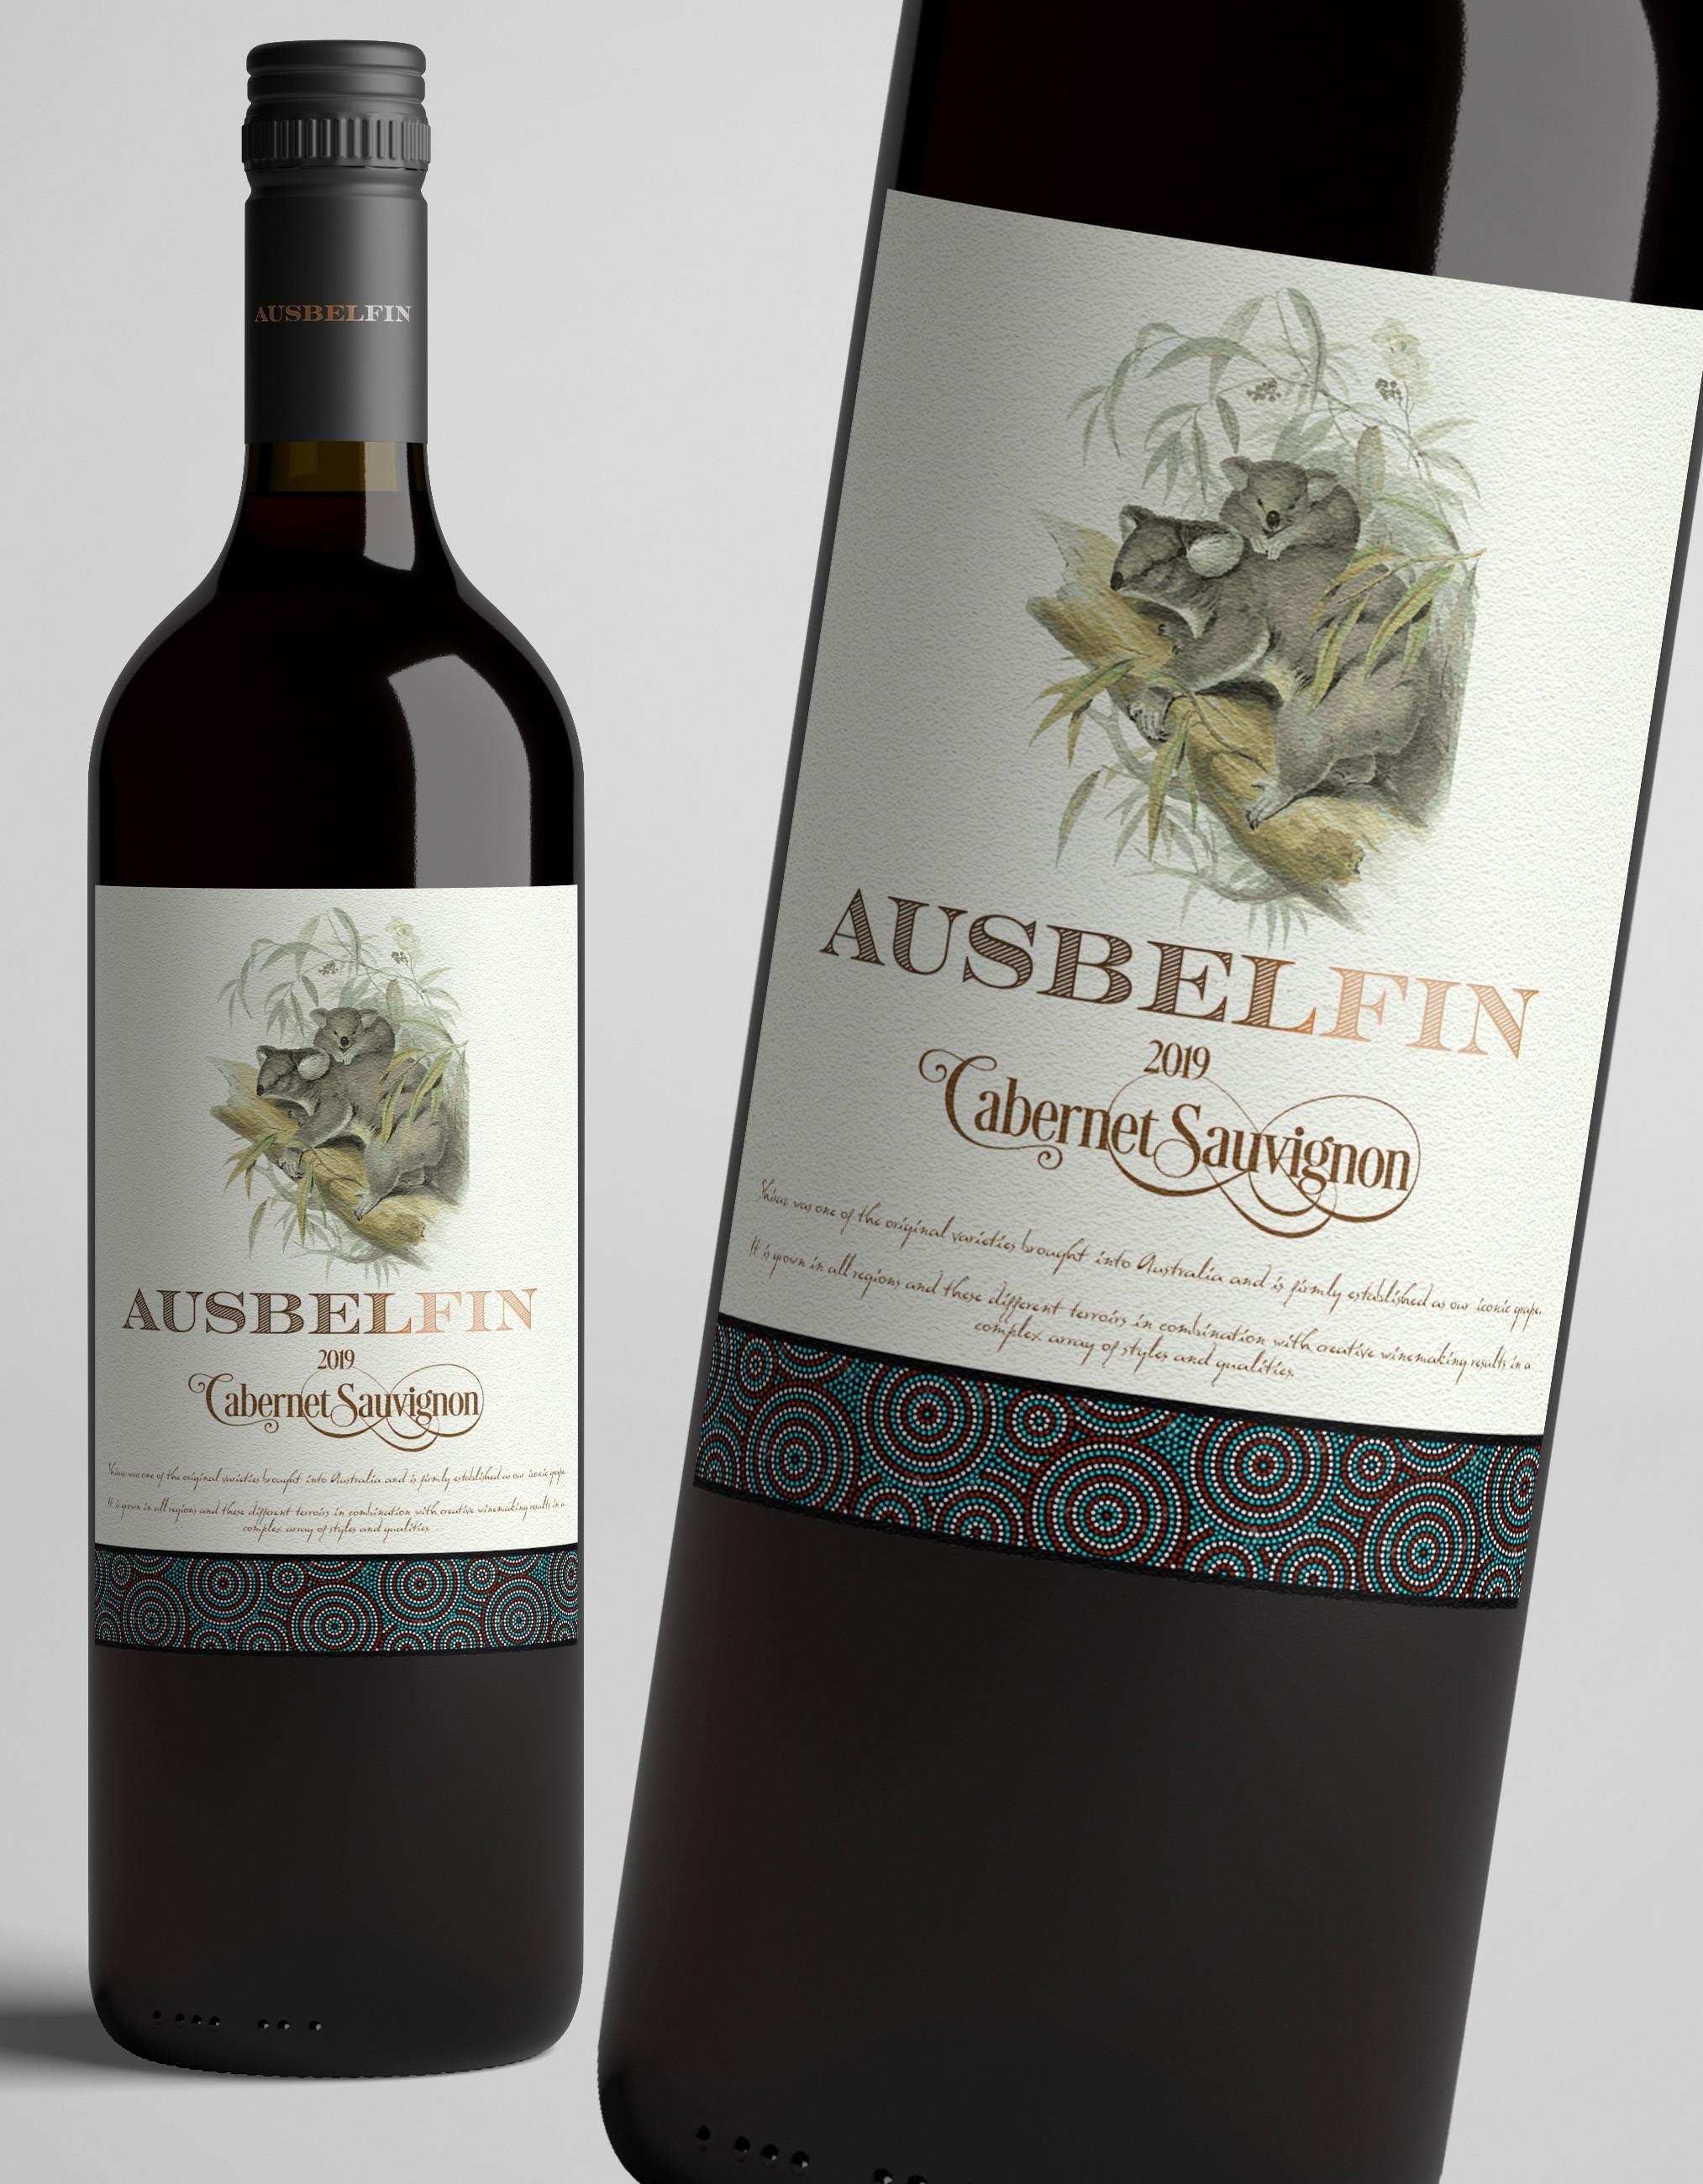 simple and elegant wine label